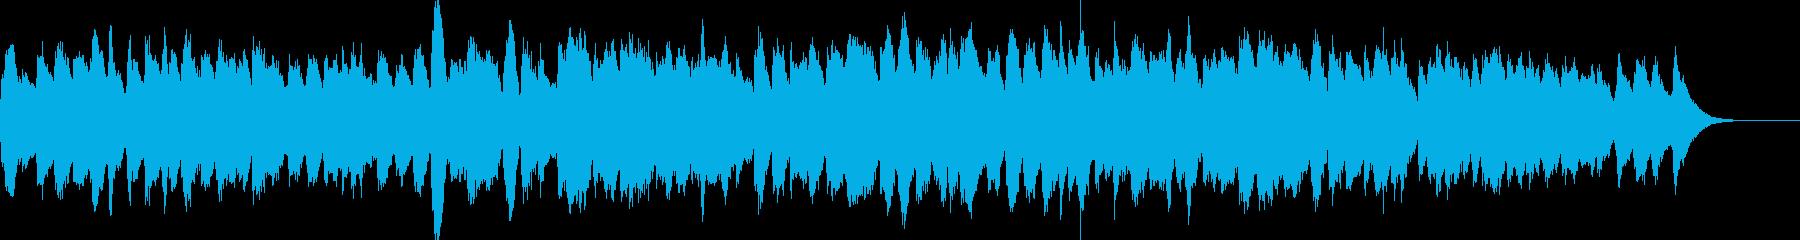 三声のバロックをハープシコードで演奏の再生済みの波形